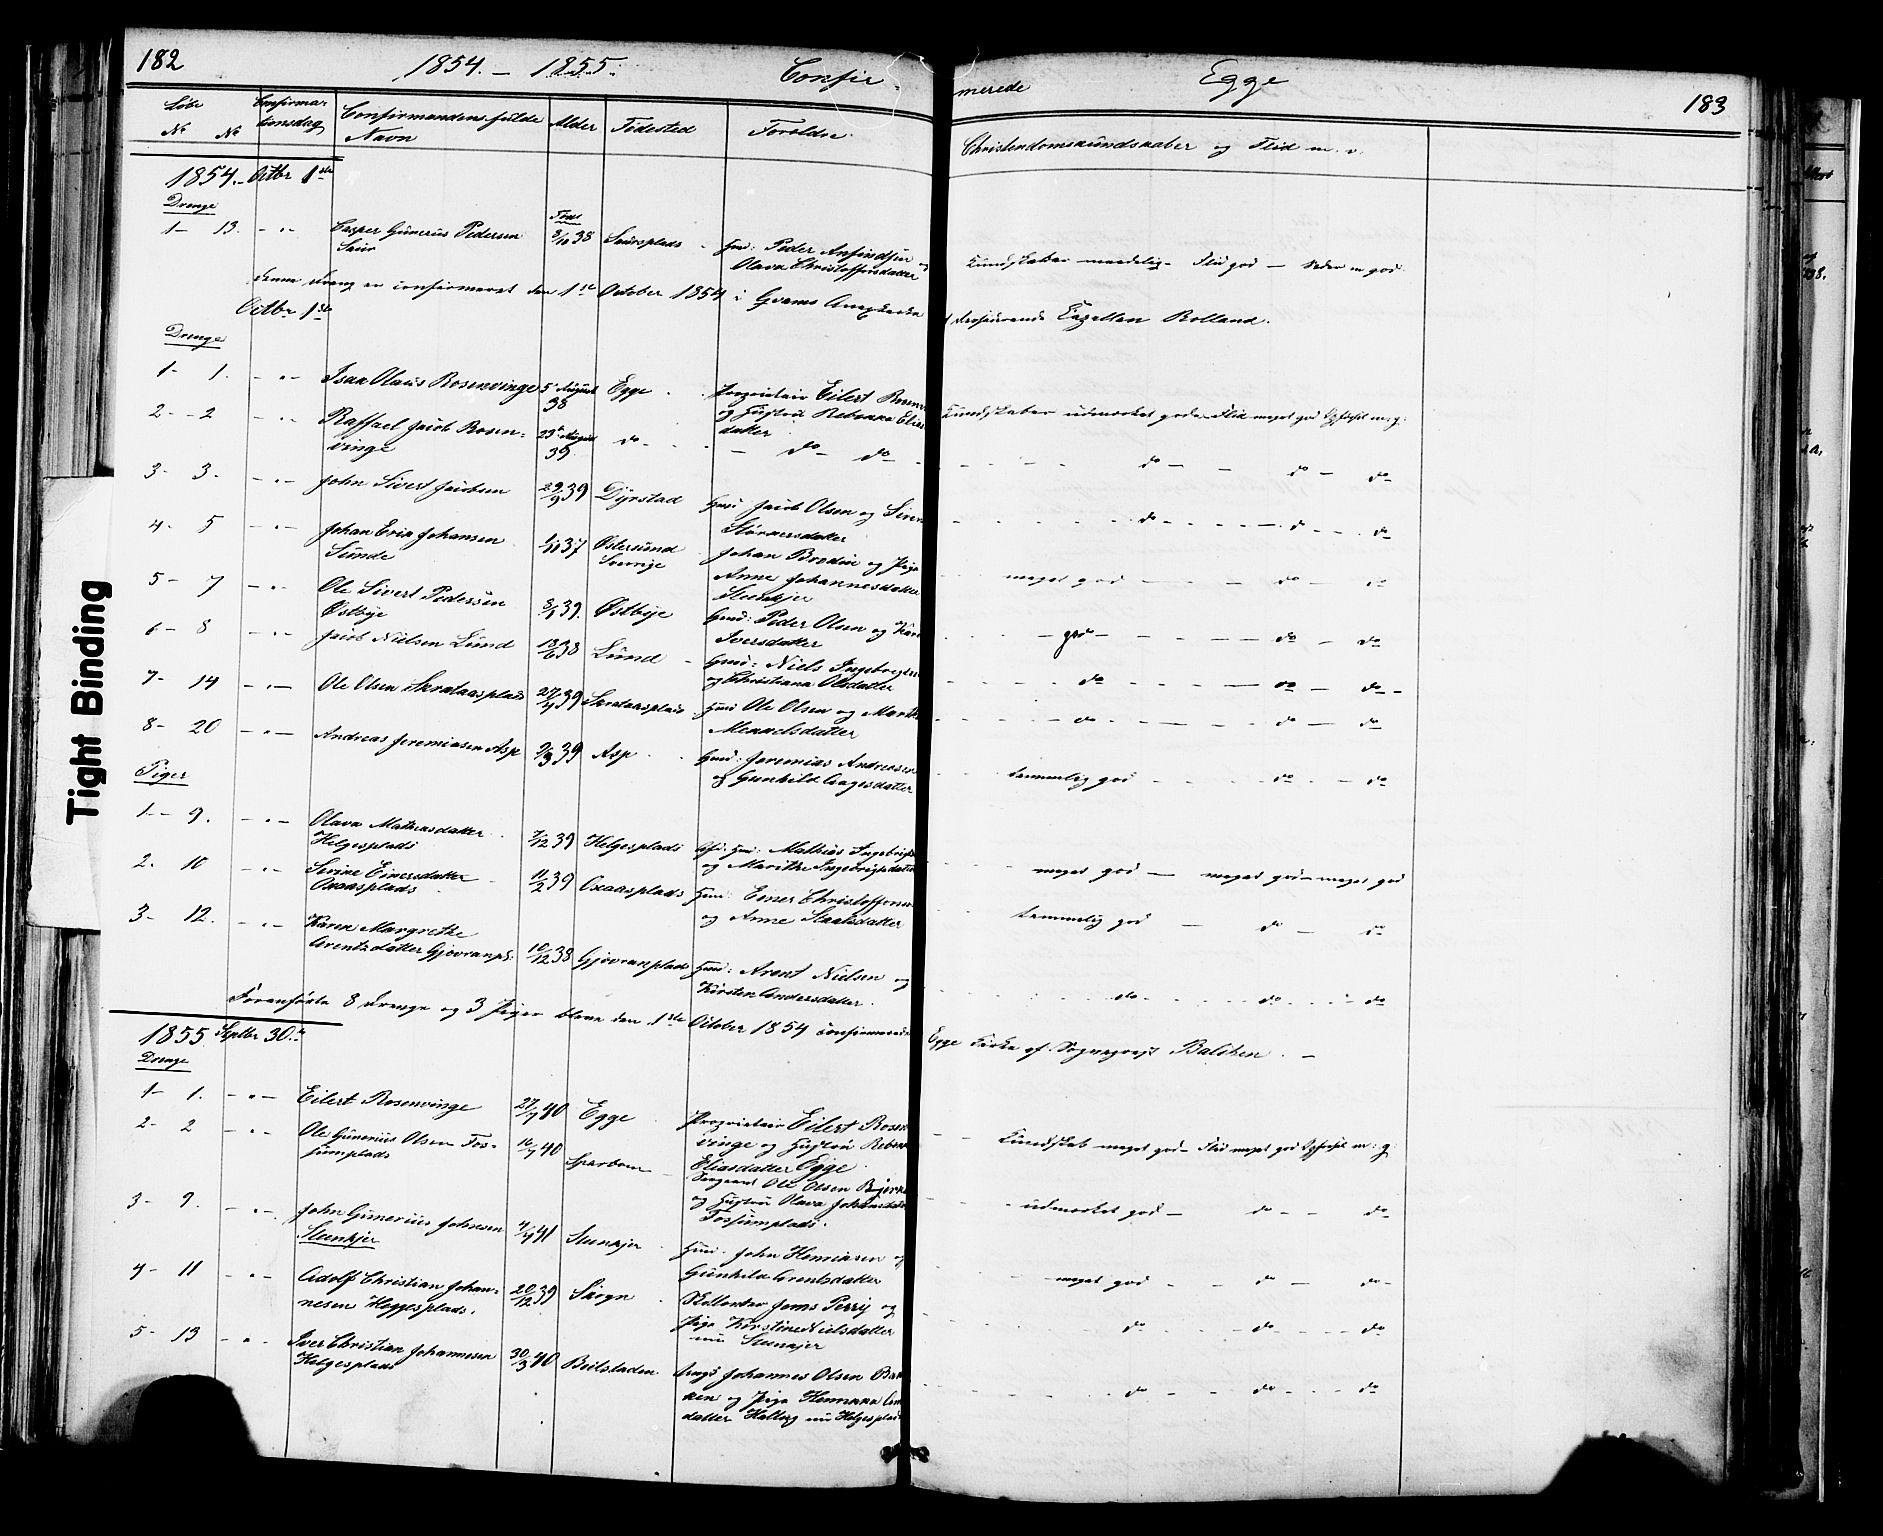 SAT, Ministerialprotokoller, klokkerbøker og fødselsregistre - Nord-Trøndelag, 739/L0367: Ministerialbok nr. 739A01 /3, 1838-1868, s. 182-183